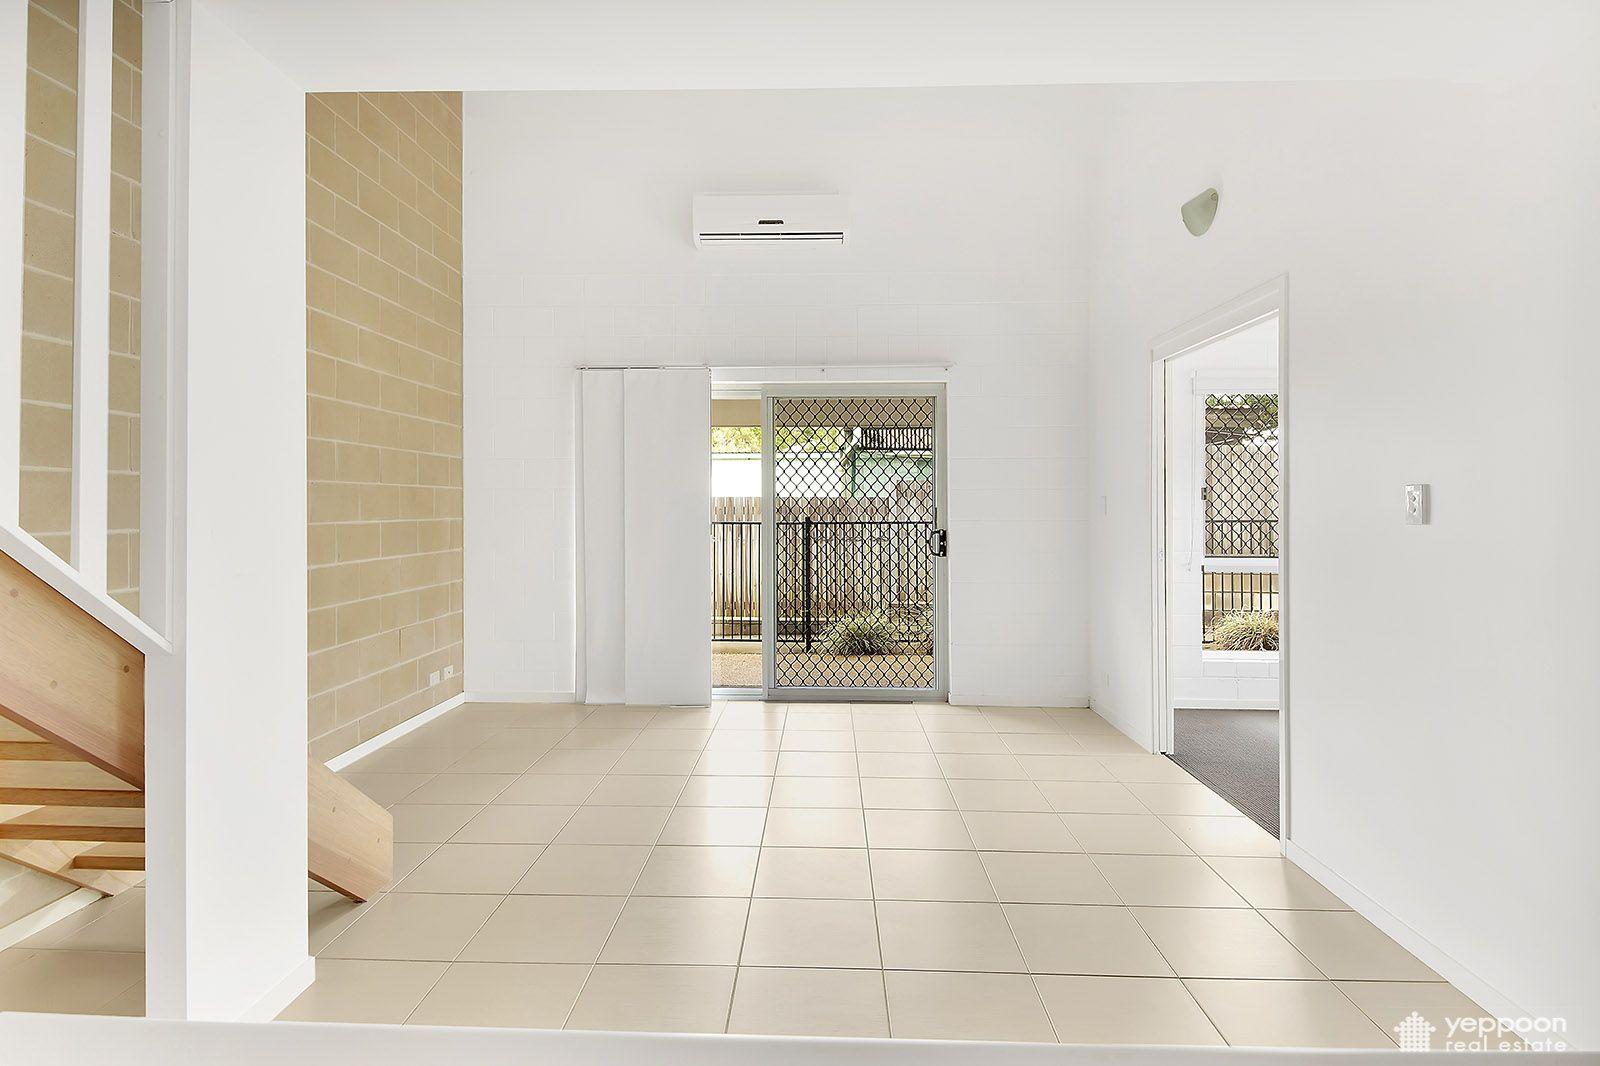 2/5-7 Birdwood Avenue, Yeppoon QLD 4703, Image 0